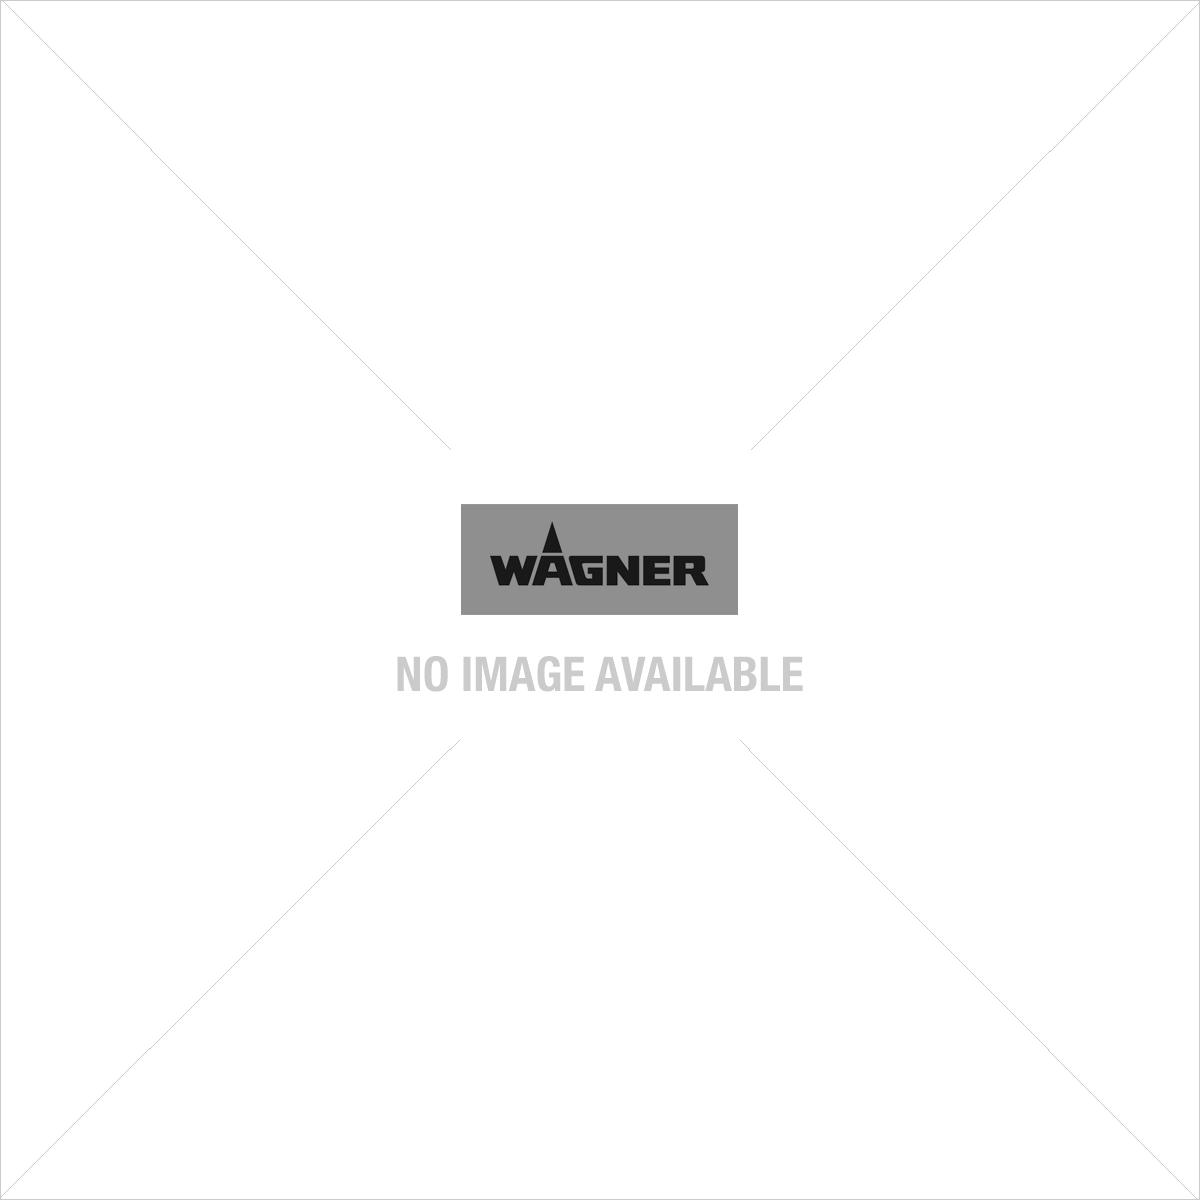 Wagner gele slang 15 m project pro 119